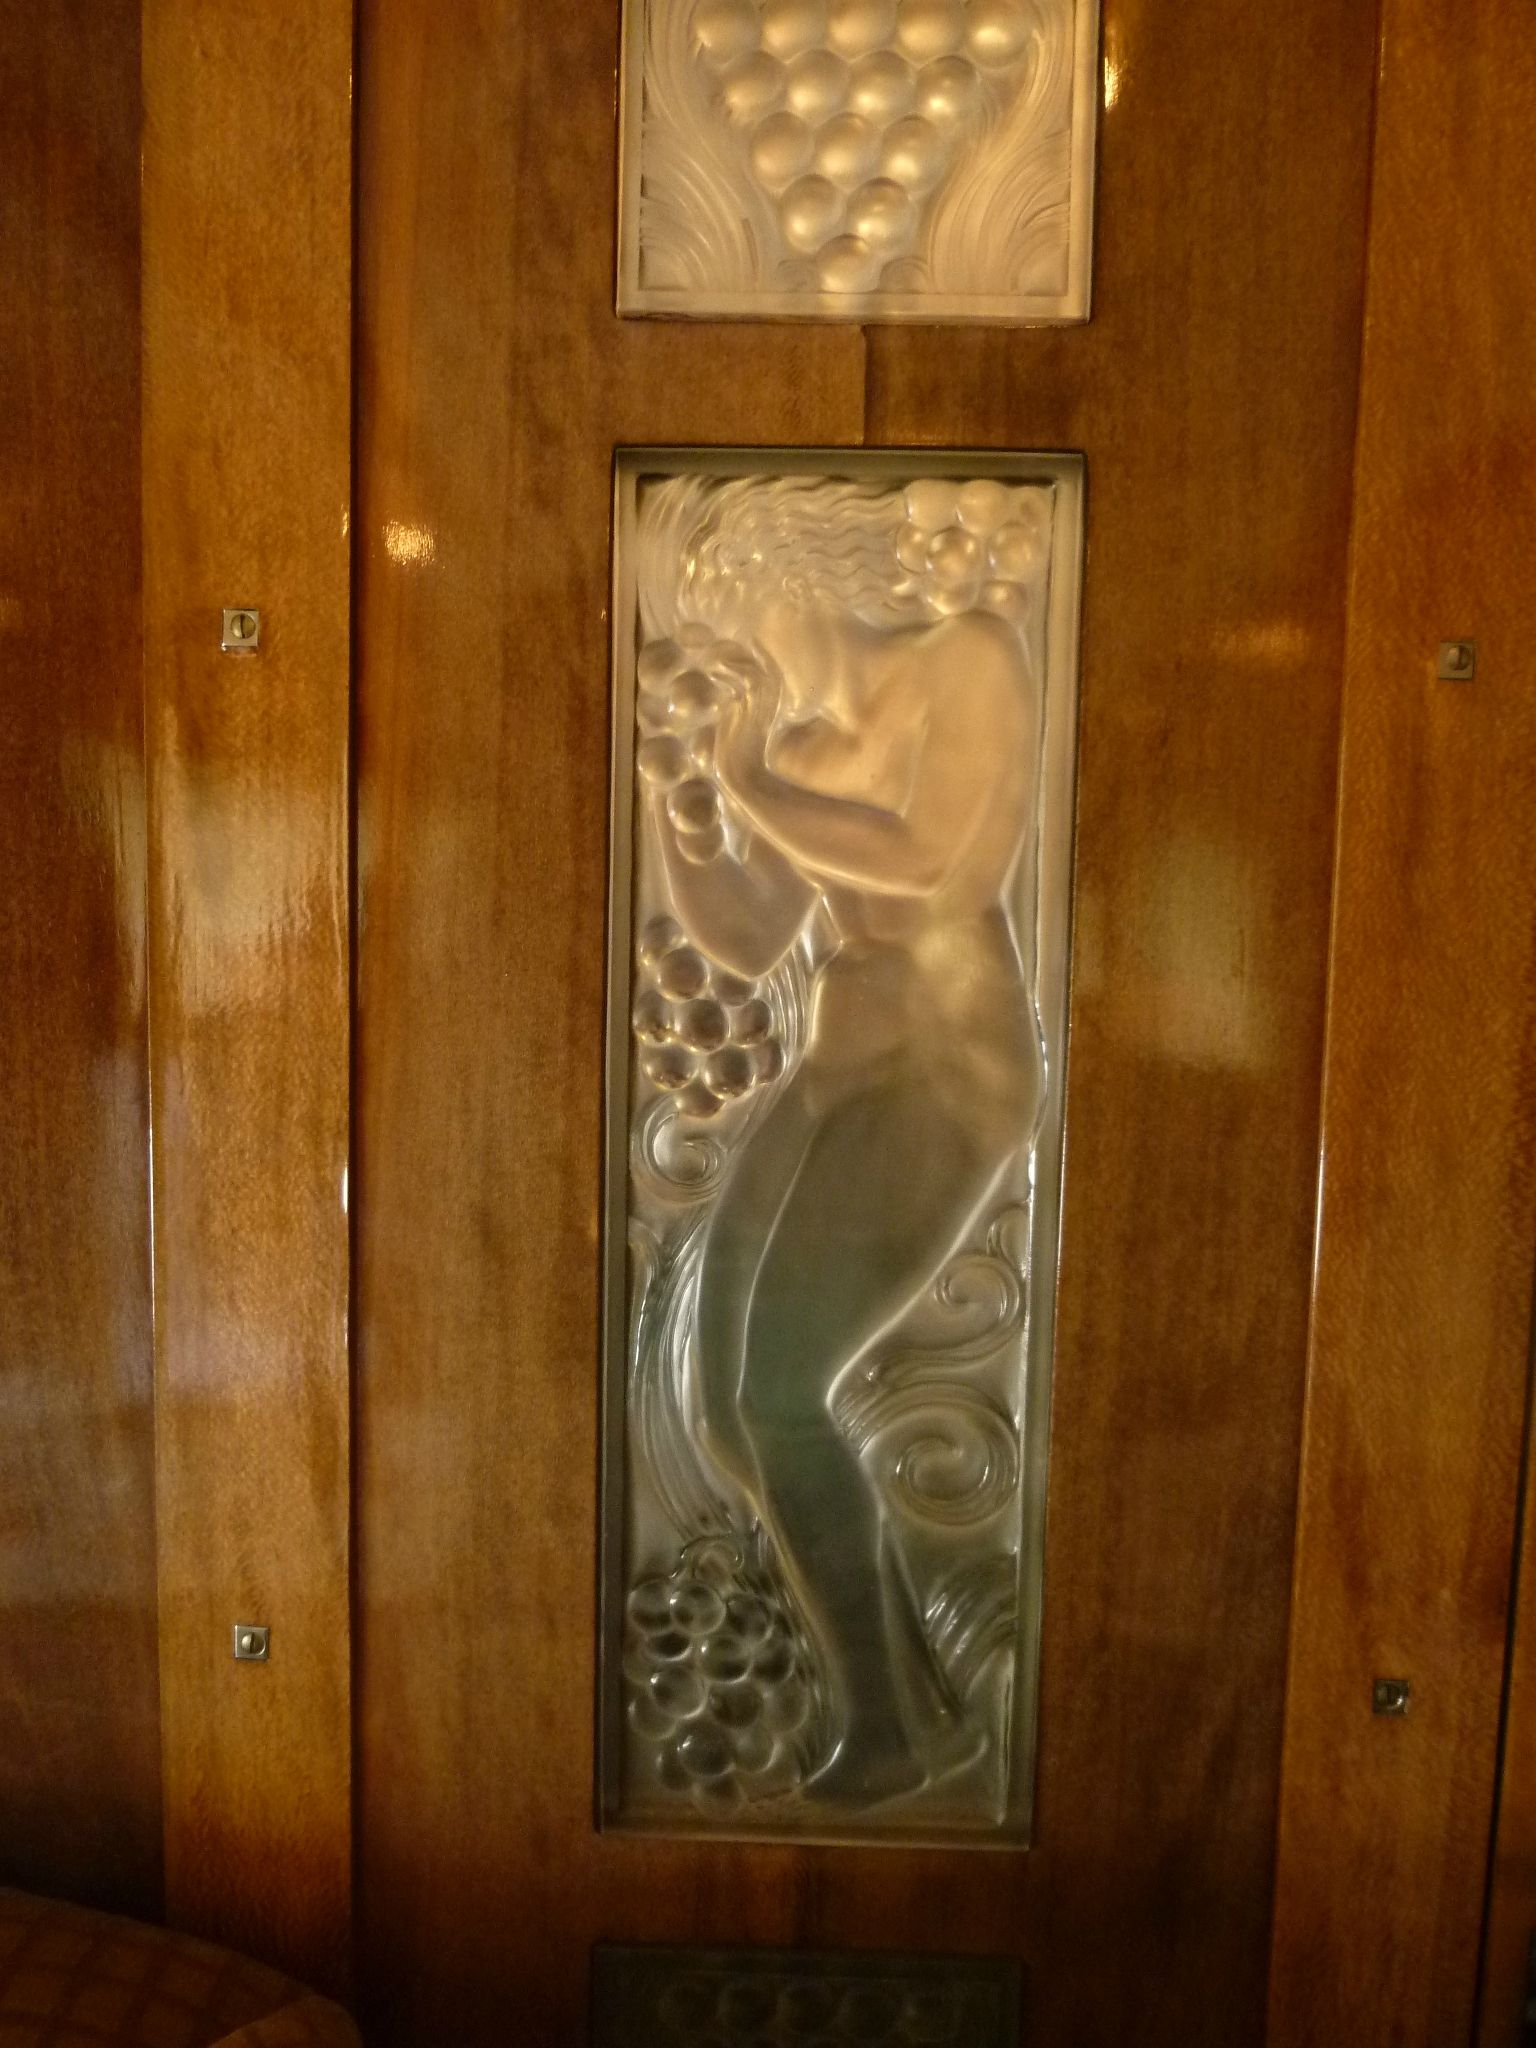 1929 ren lalique panneaux de verre figure et raisins for Panneaux laine de verre